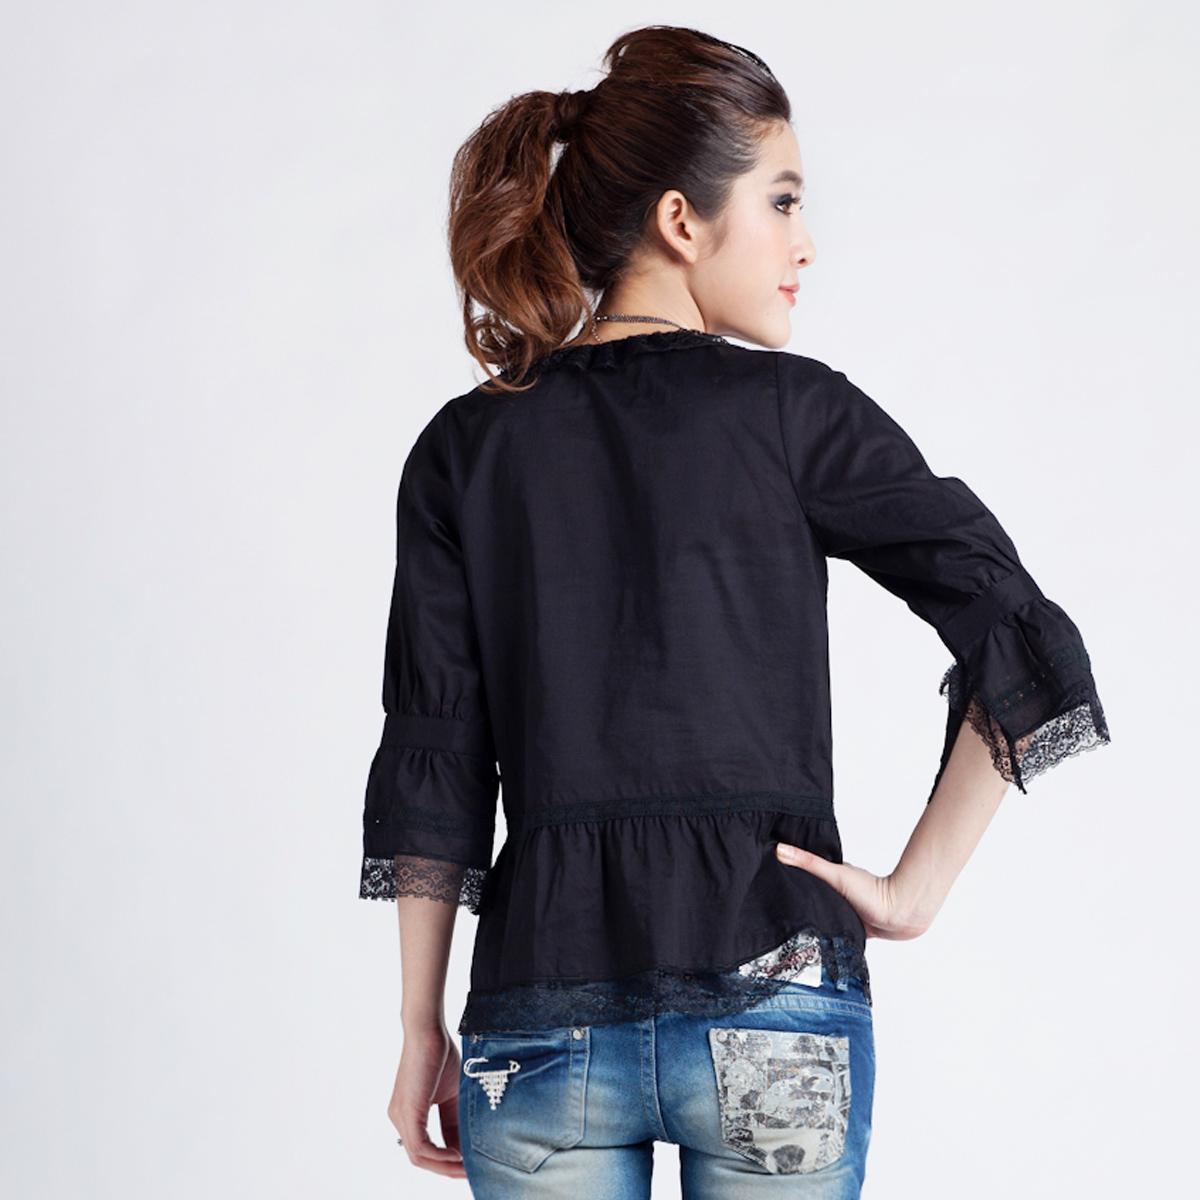 женская рубашка OSA sc10278 O.SA2011 Casual Однотонный цвет Закругленный вырез